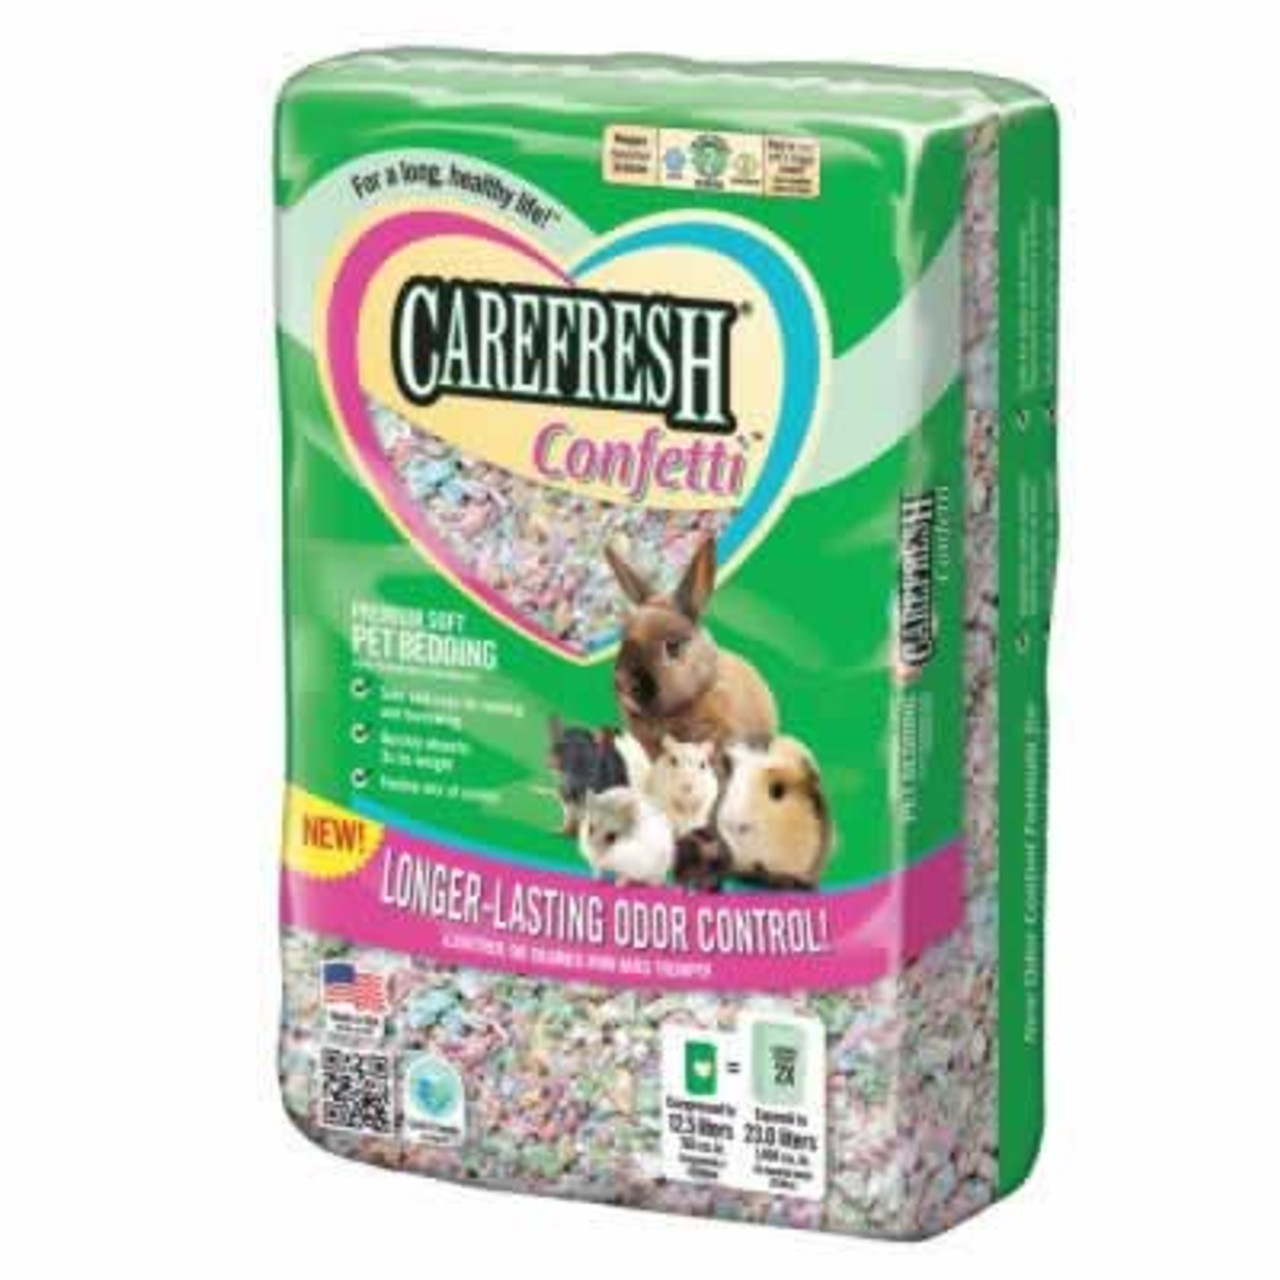 Carefresh Confetti Pet Bedding, 23